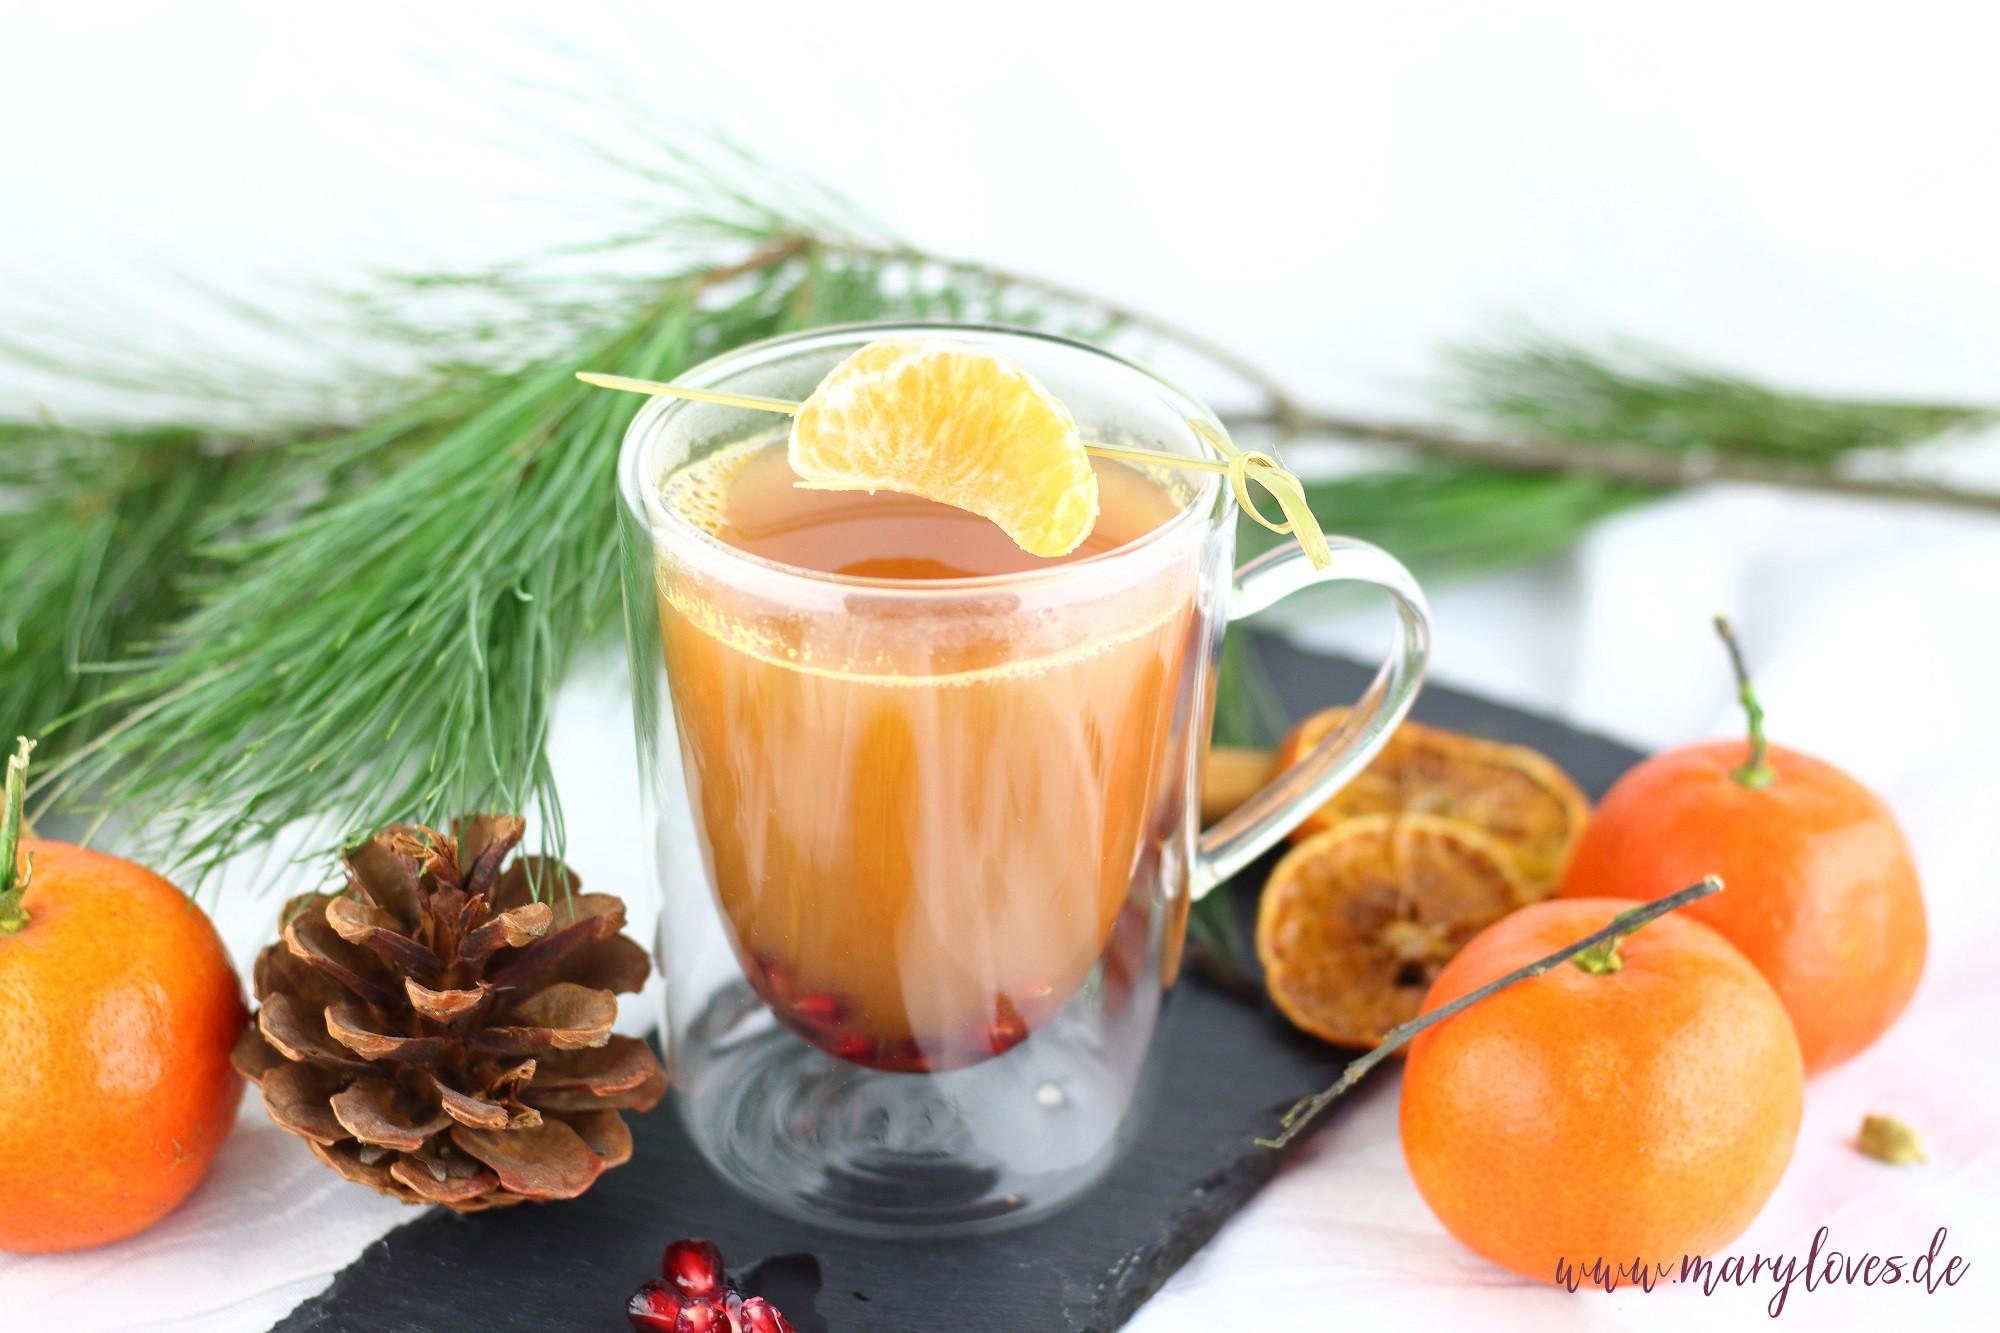 Wärmender Mandarinen-Punsch mit Granatapfel